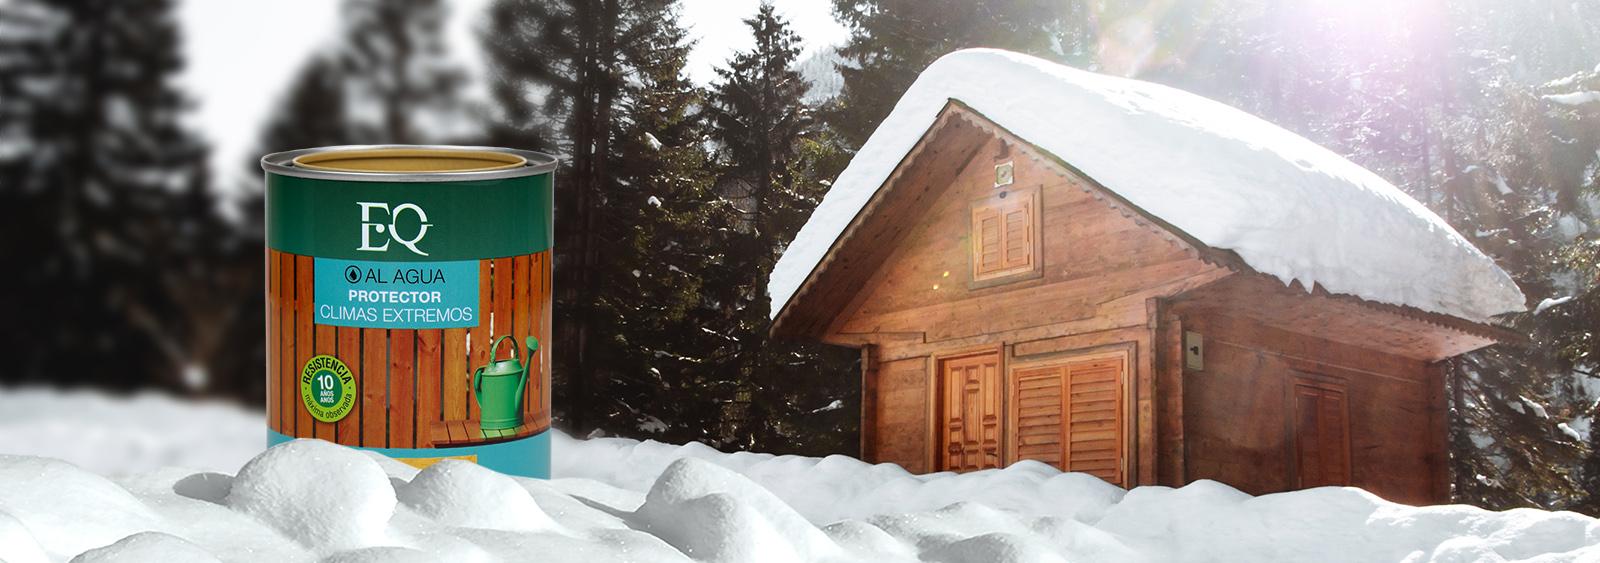 protector millennium aplicado sobre madera en invierno